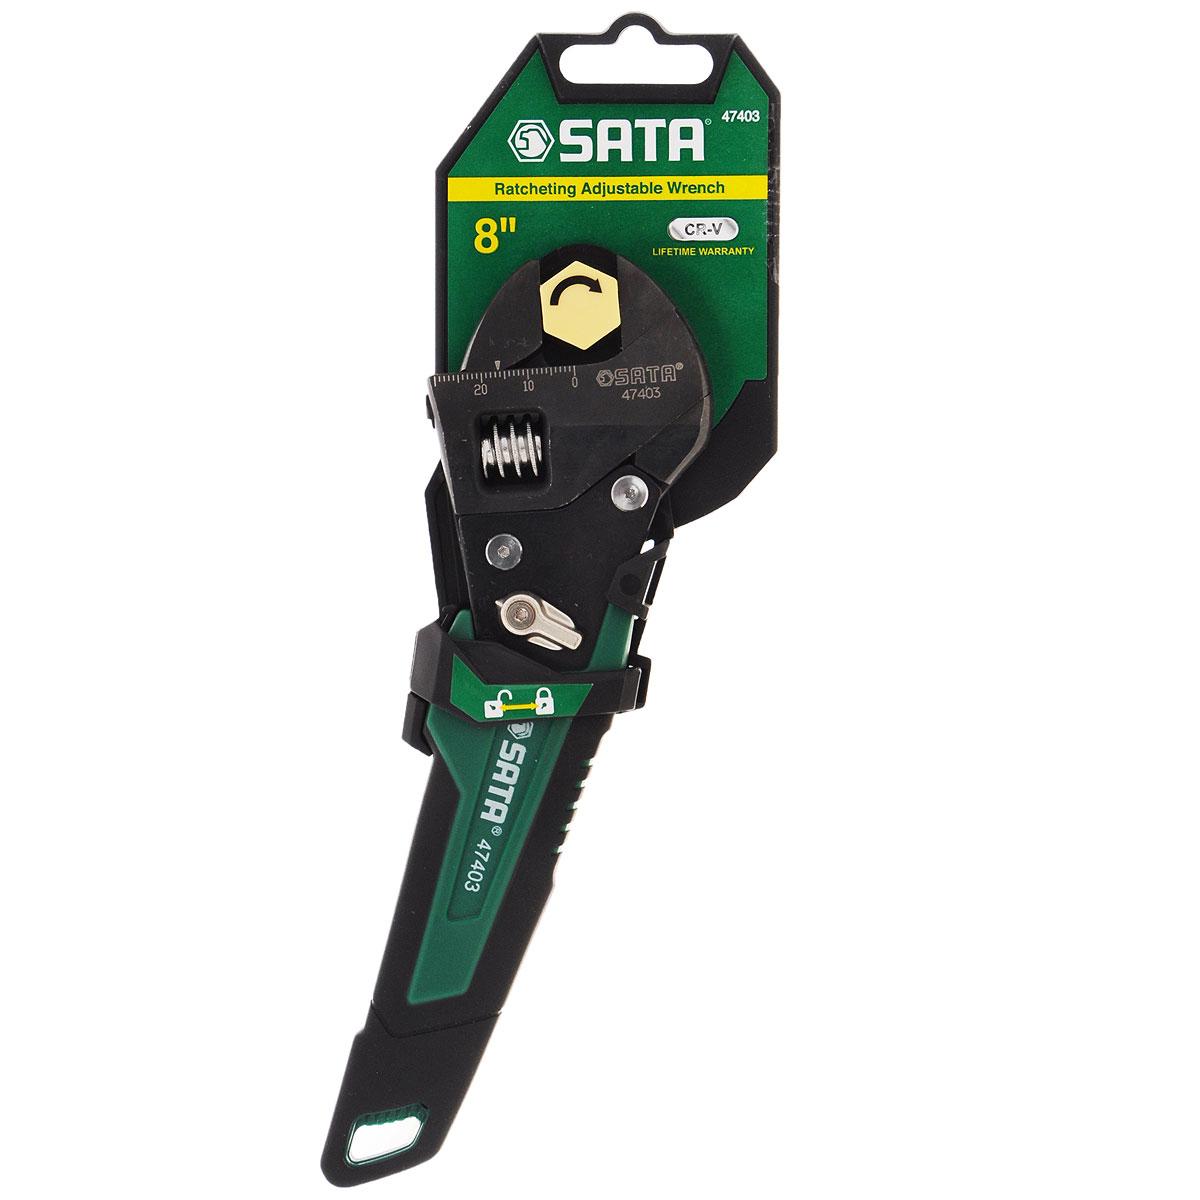 Разводной ключ SATA 4740398295719Разводной ключ Sata с реверсивно-трещоточным механизмом предназначен для работы с резьбовыми соединениями. Оснащен рукояткой с полимерным покрытием, которая обеспечивает надежный удобный хват.Особенности:Движущая часть ключа позволяет захватывать любые грани размером до 24 мм. Лазерная гравировка делений метрических и дюймовых.Плавный трещоточный механизм очень легок в использовании. Выключатель трещоточного механизма позволяет использовать ключ как обычный разводной ключ.Уникальный дизайн и специальное противоскользящее покрытие рукоятки обеспечивают максимальный комфорт для руки любого размера.Полностью соответствует спецификации американского института стандартов (ANSI).Максимальный размер раскрытия зева (максимальный развод губок): 25 мм. Толщина губок зева: 14,5 мм.